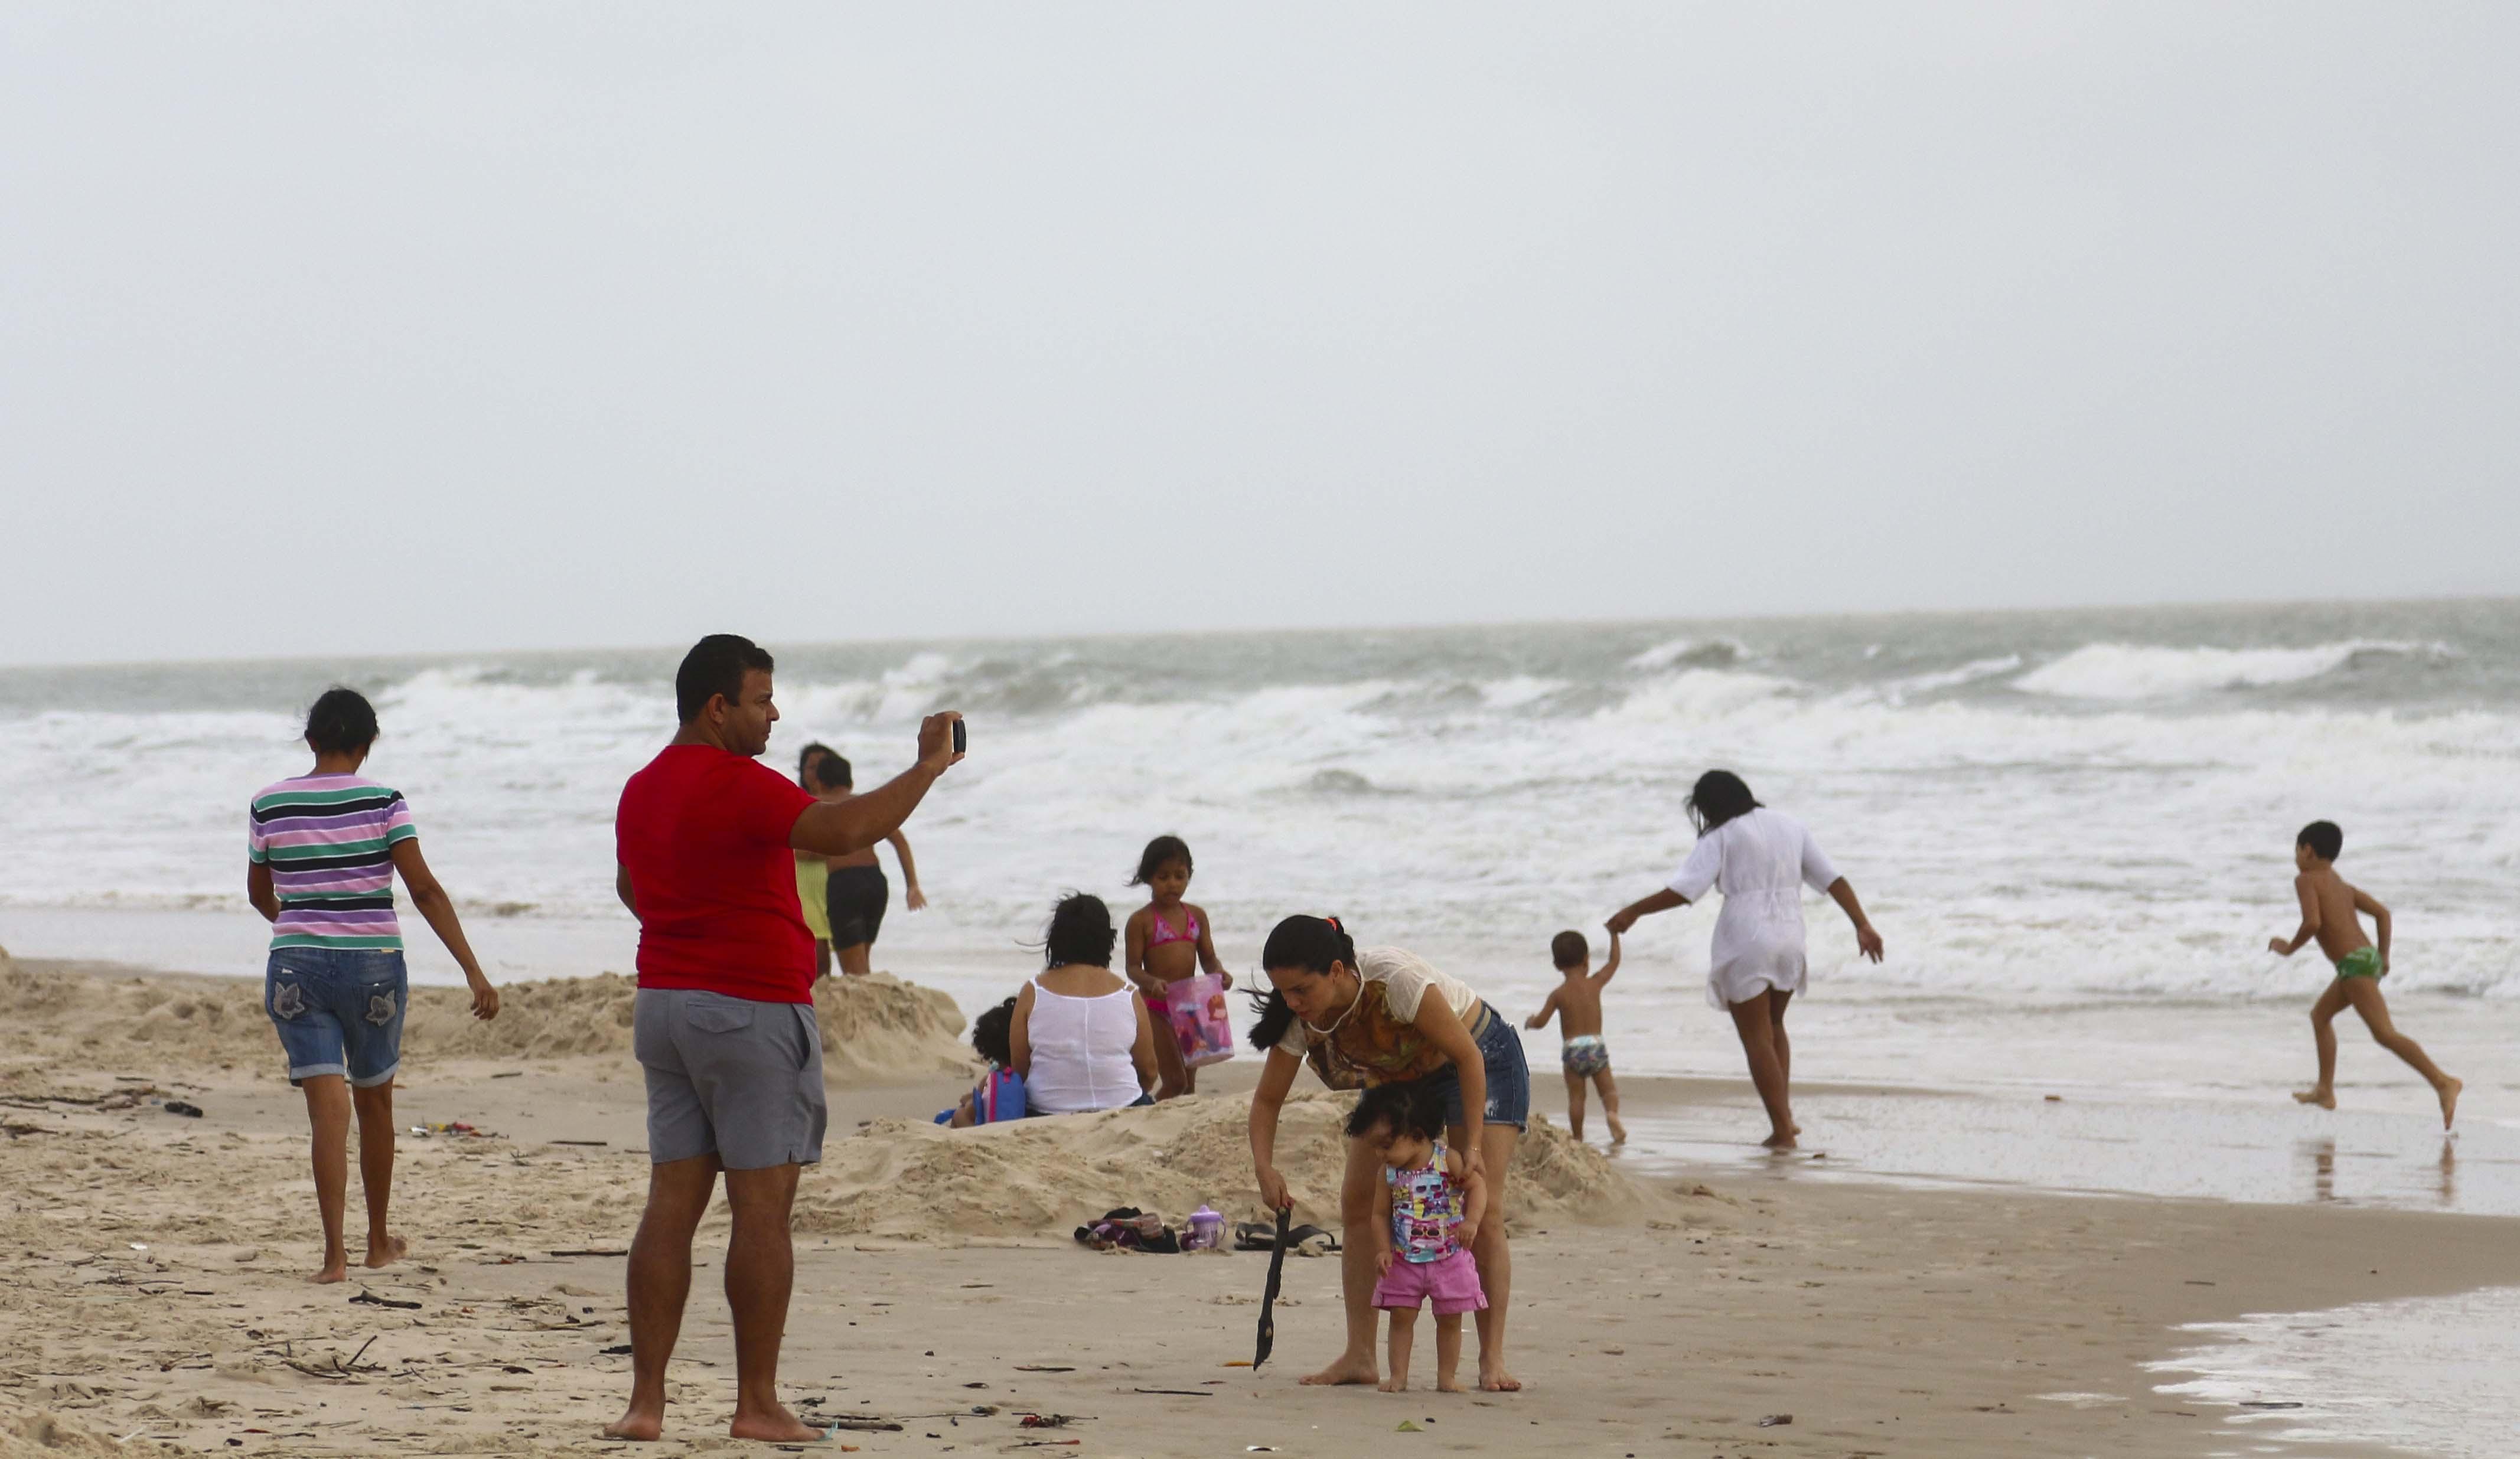 balneabilidade-das-praias-foto-gilson-teixeira